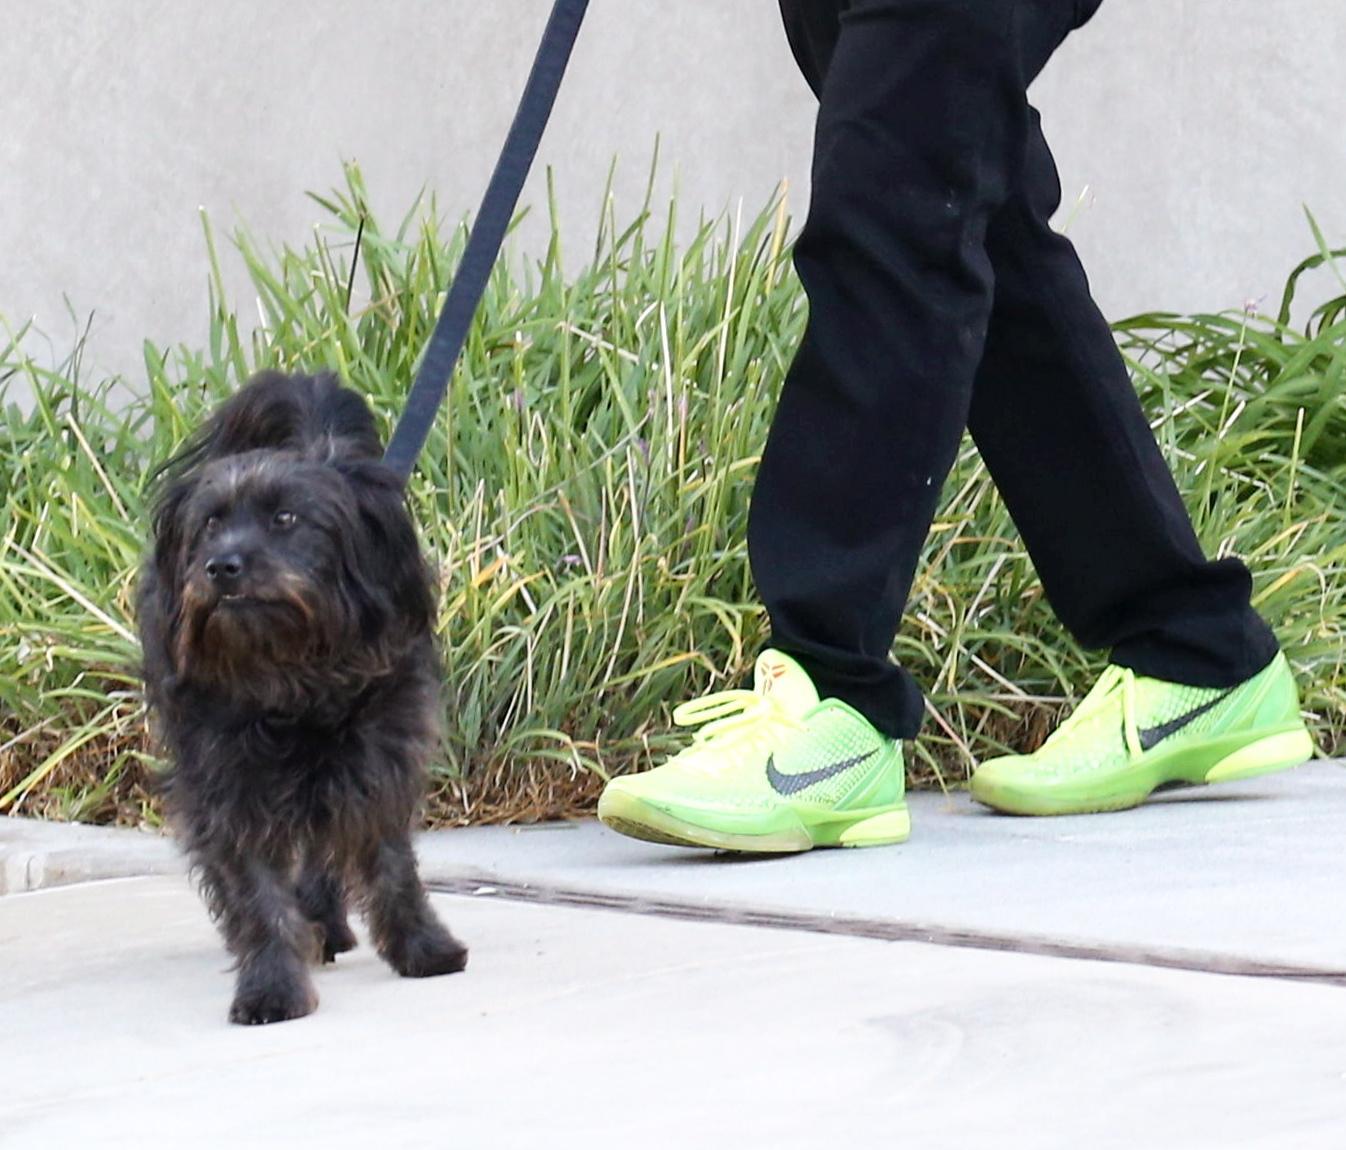 Dustin Hoffman a passeggio con il cane